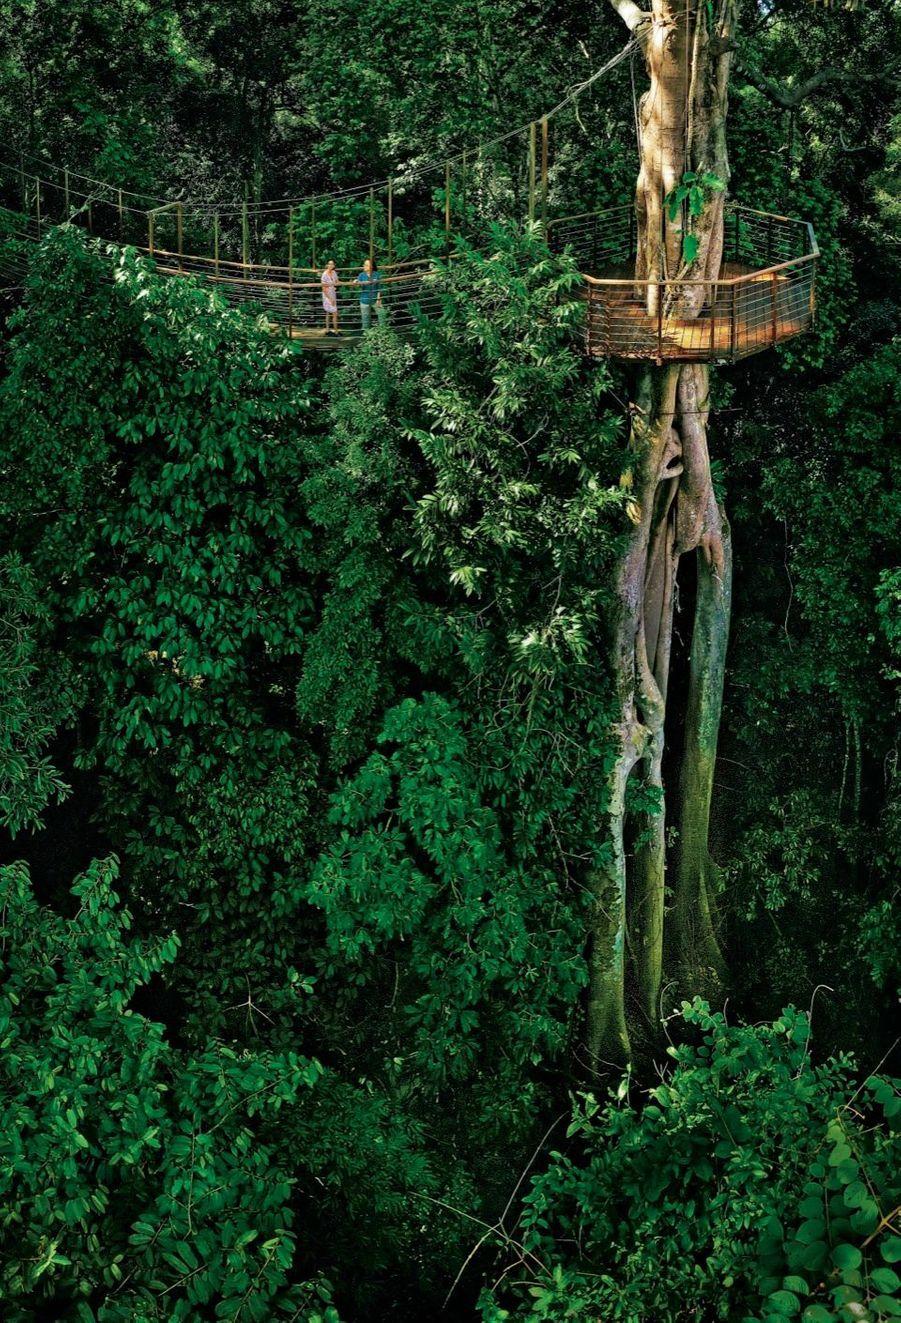 Le parcours s'effectue avec un naturaliste décrivant les richesses cachées dans cette végétation luxuriante